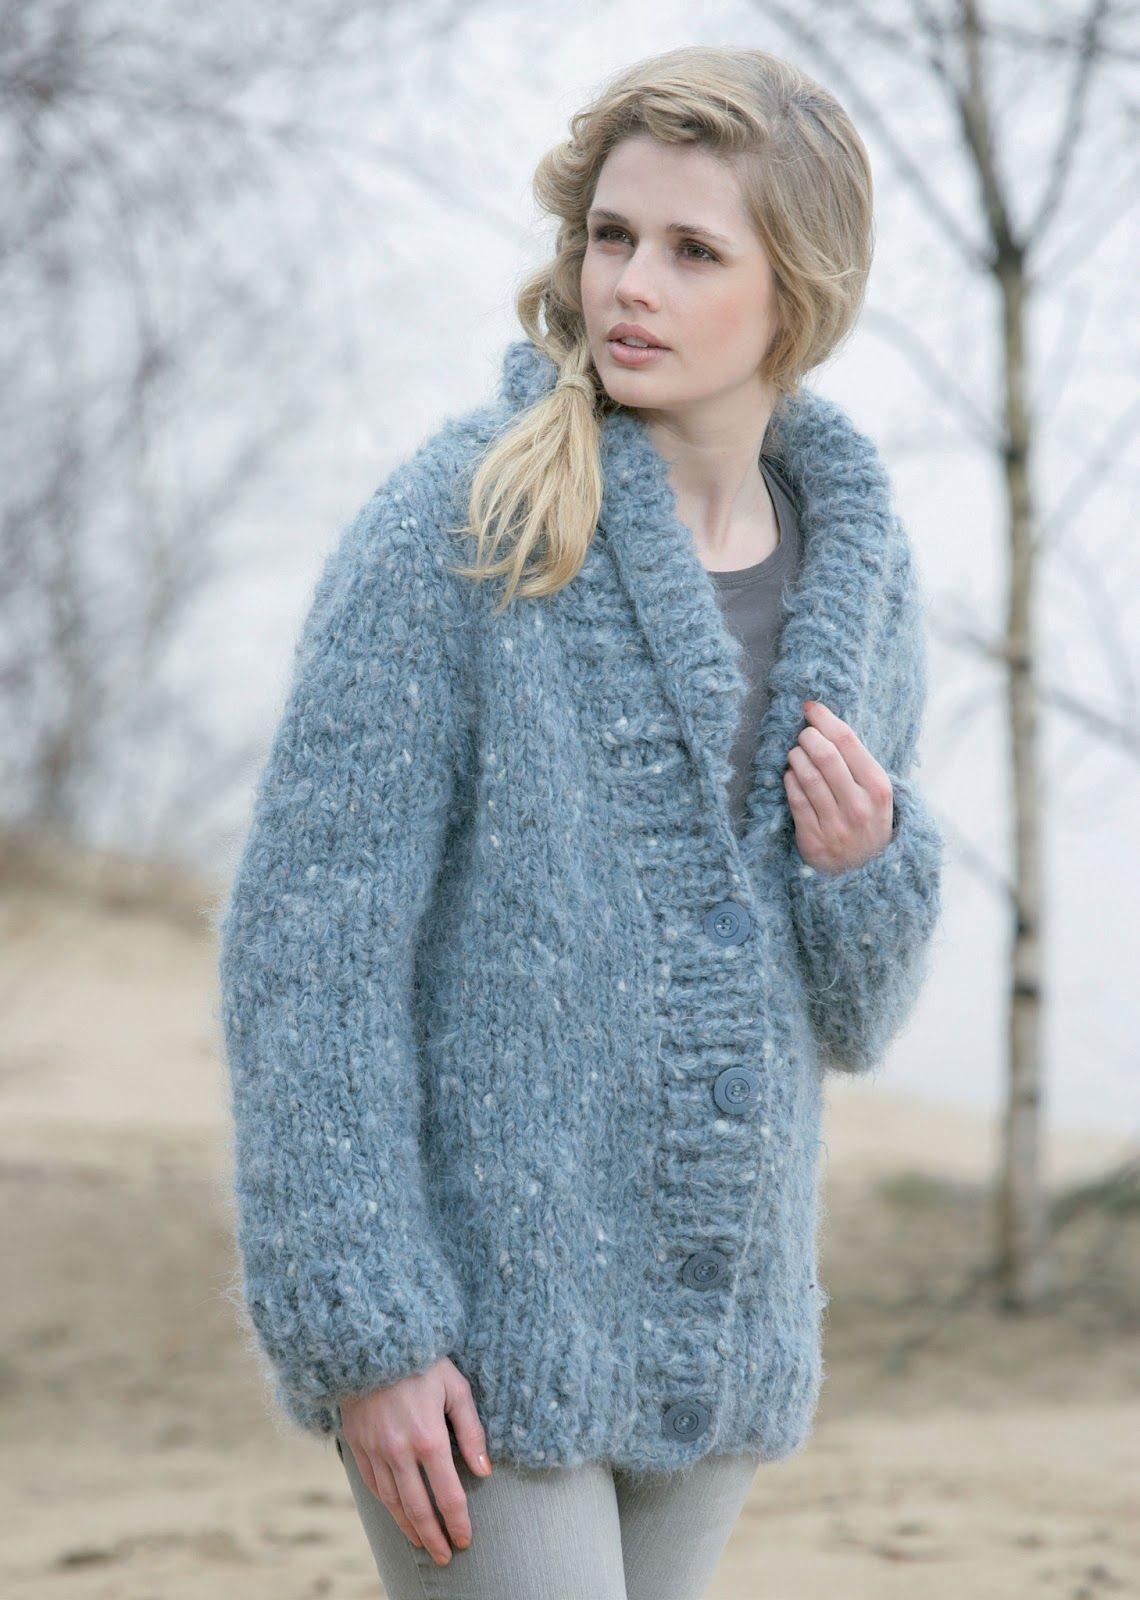 modele tricot gratuit femme gilet